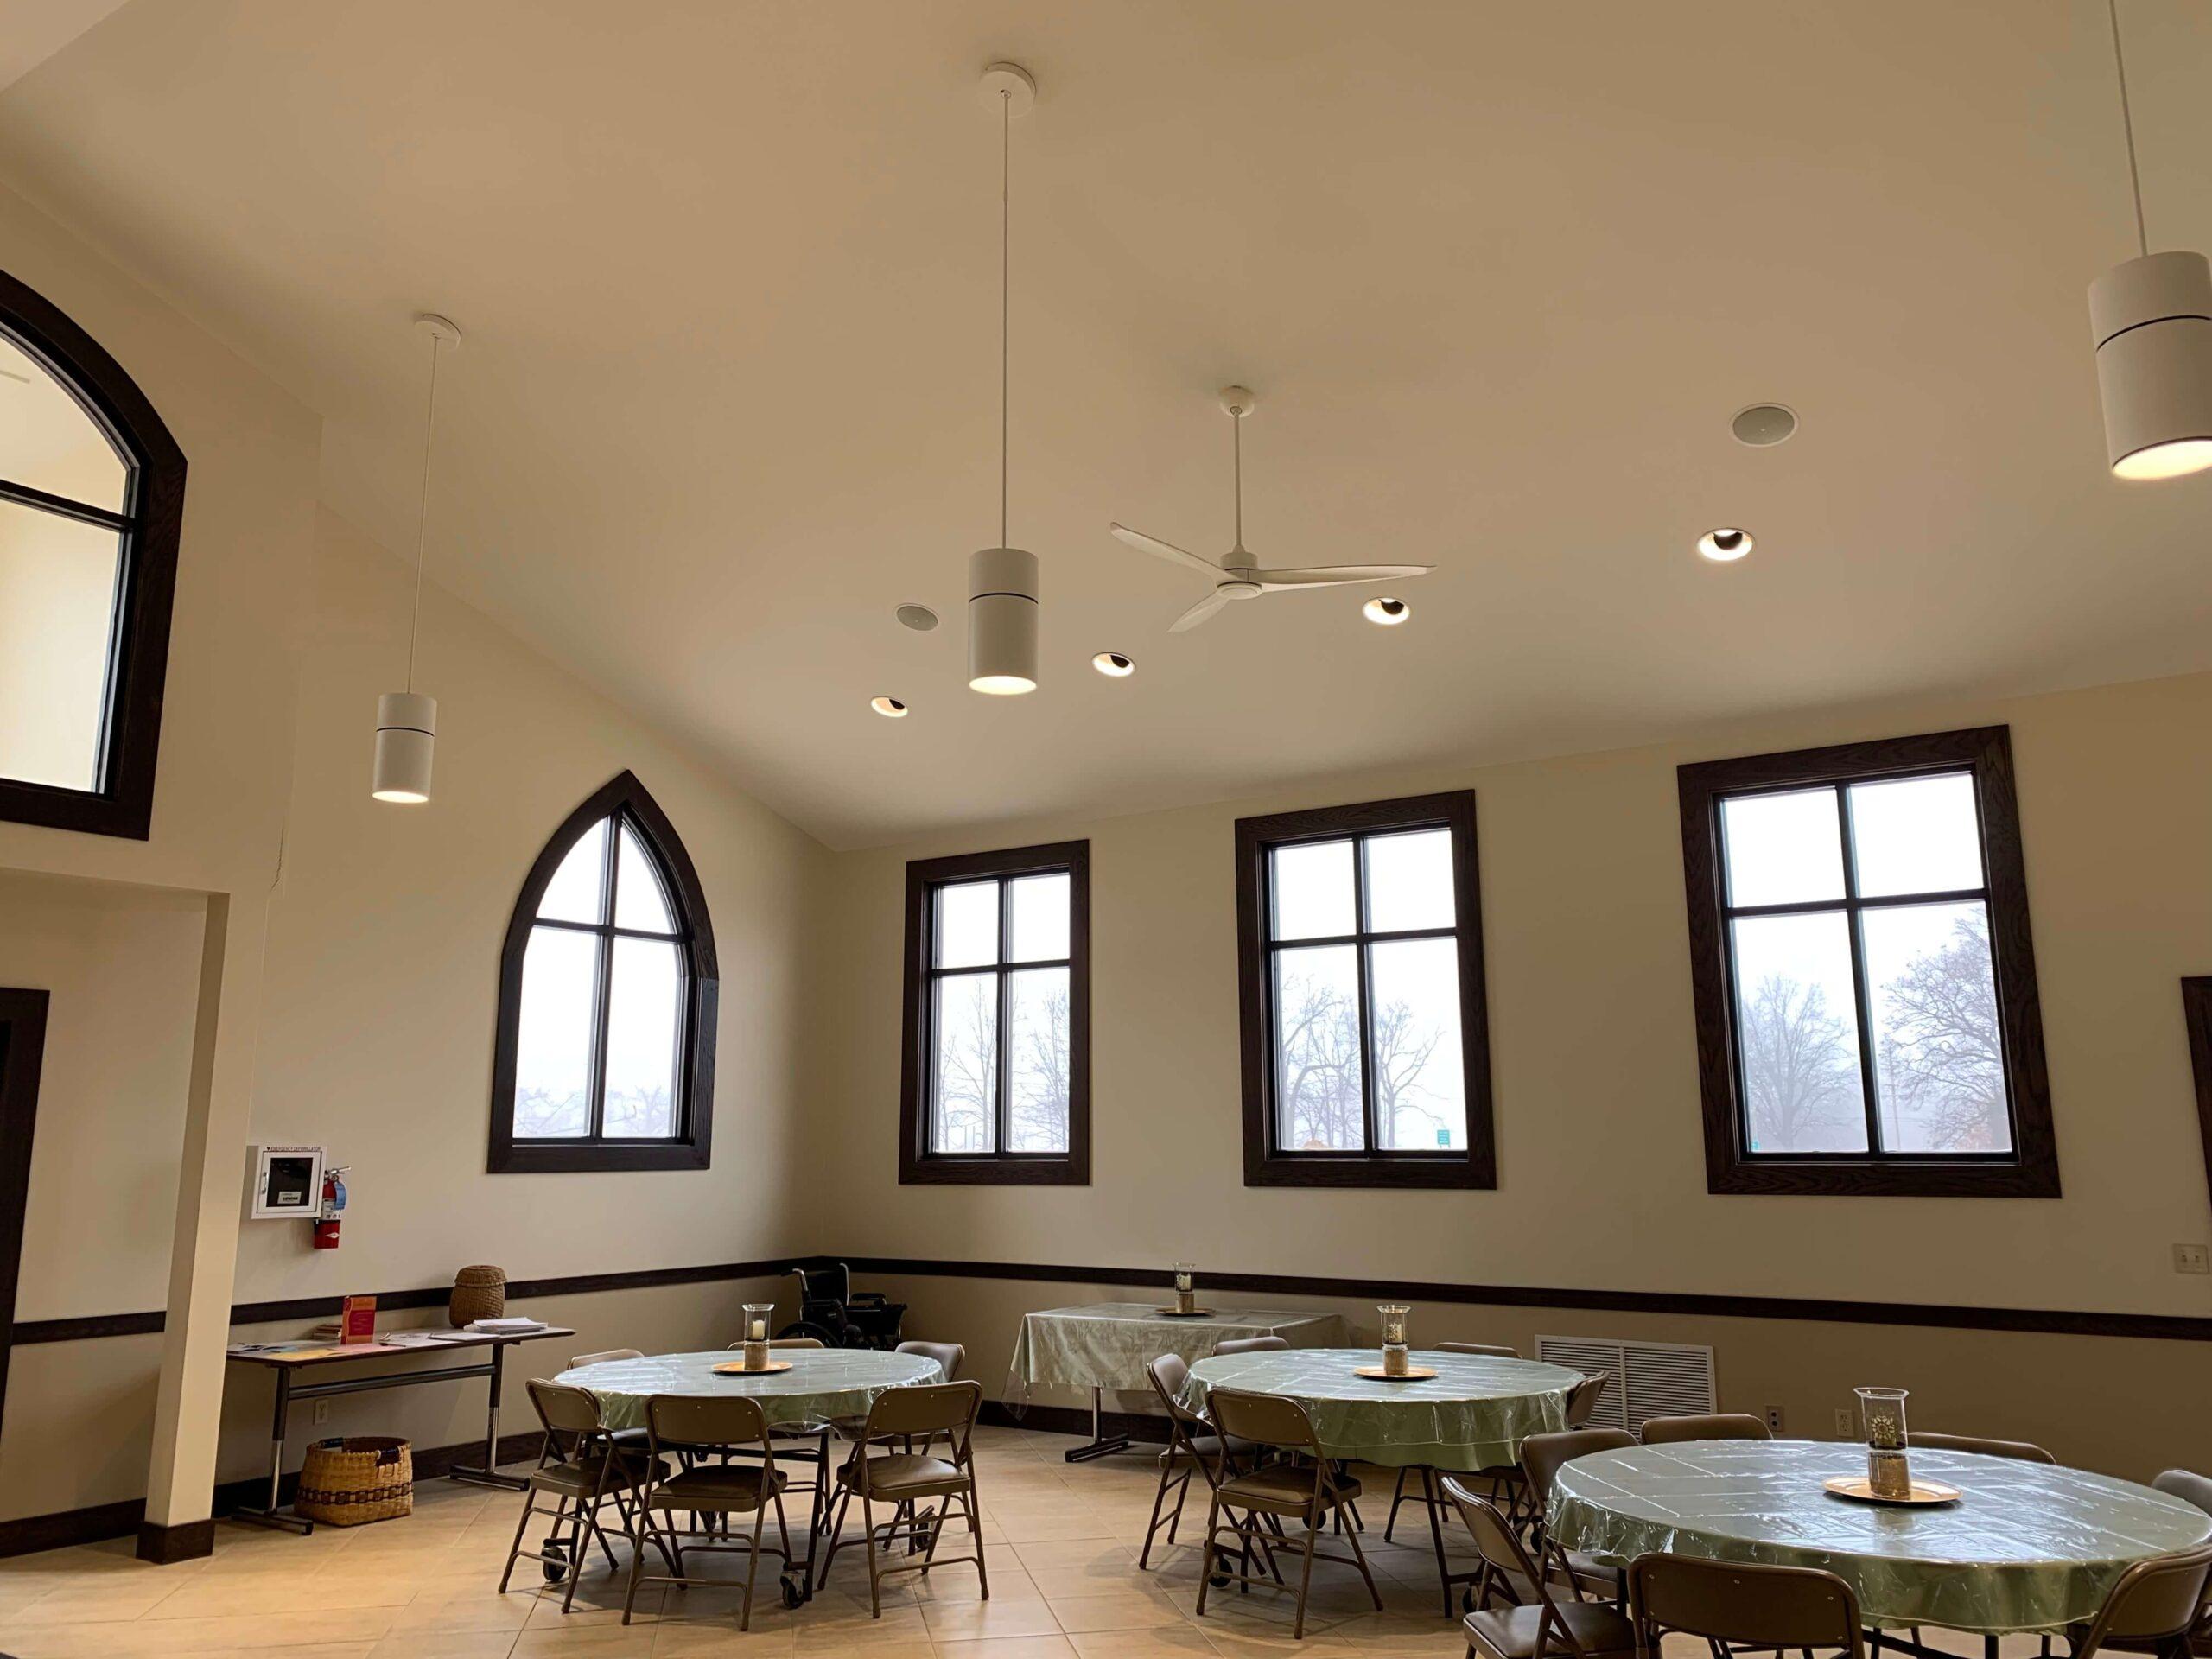 St. Clare Church - Interior